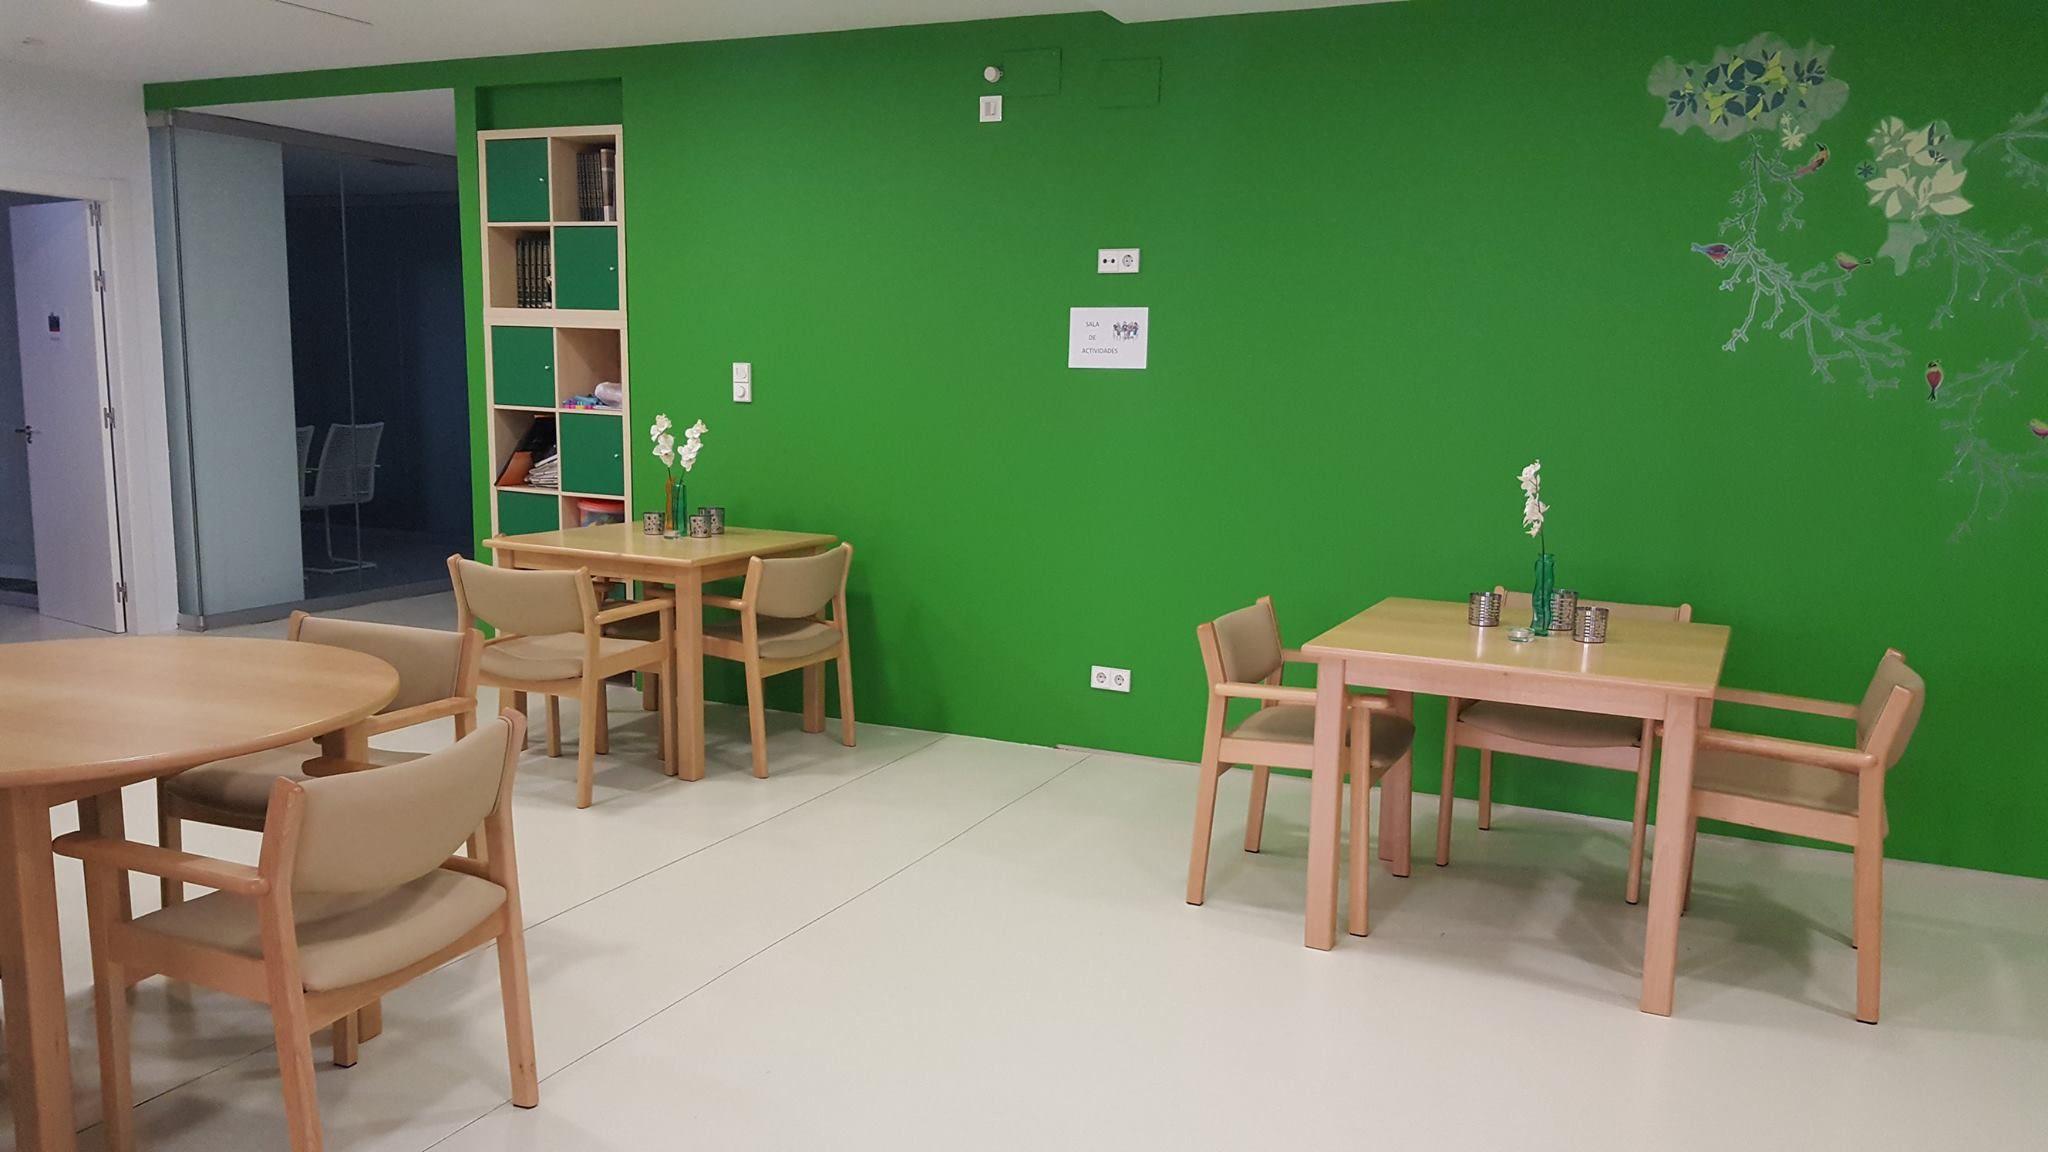 Actividades lúdicas en Centro de Día Campillín en Oviedo